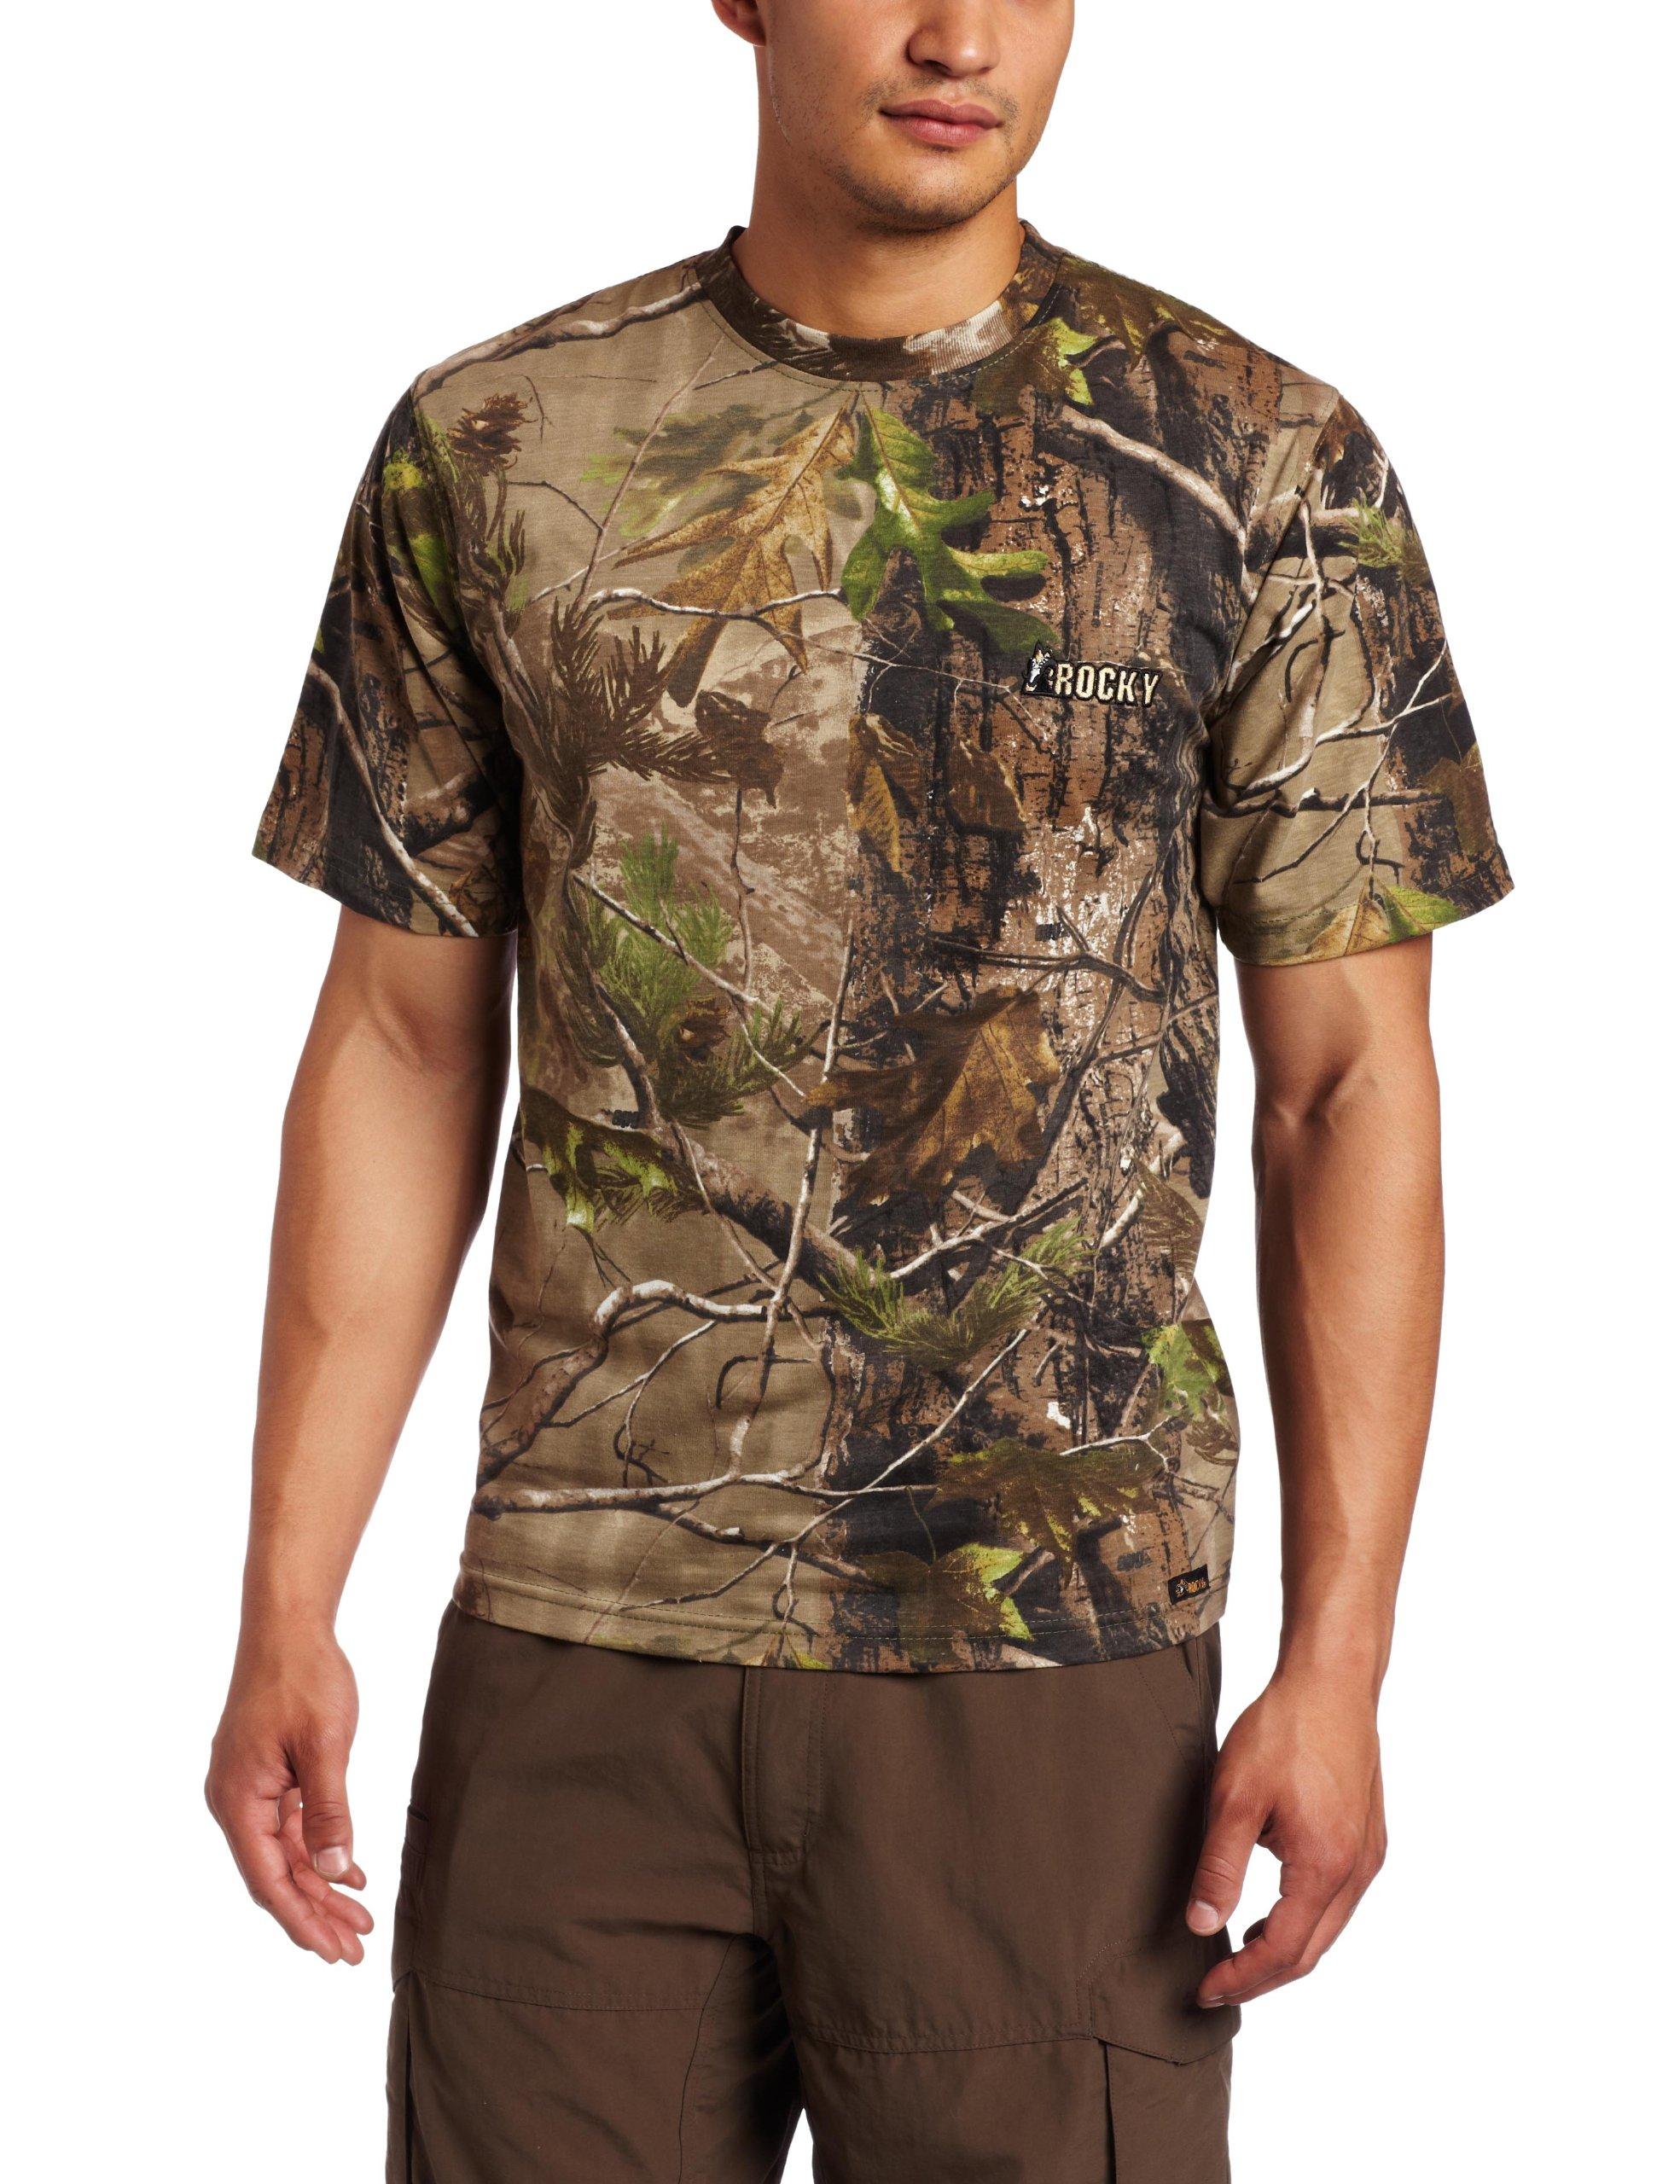 ROCKY Caza Hombres Manga Corta Camiseta, Hombre, Realtree APG: Amazon.es: Deportes y aire libre